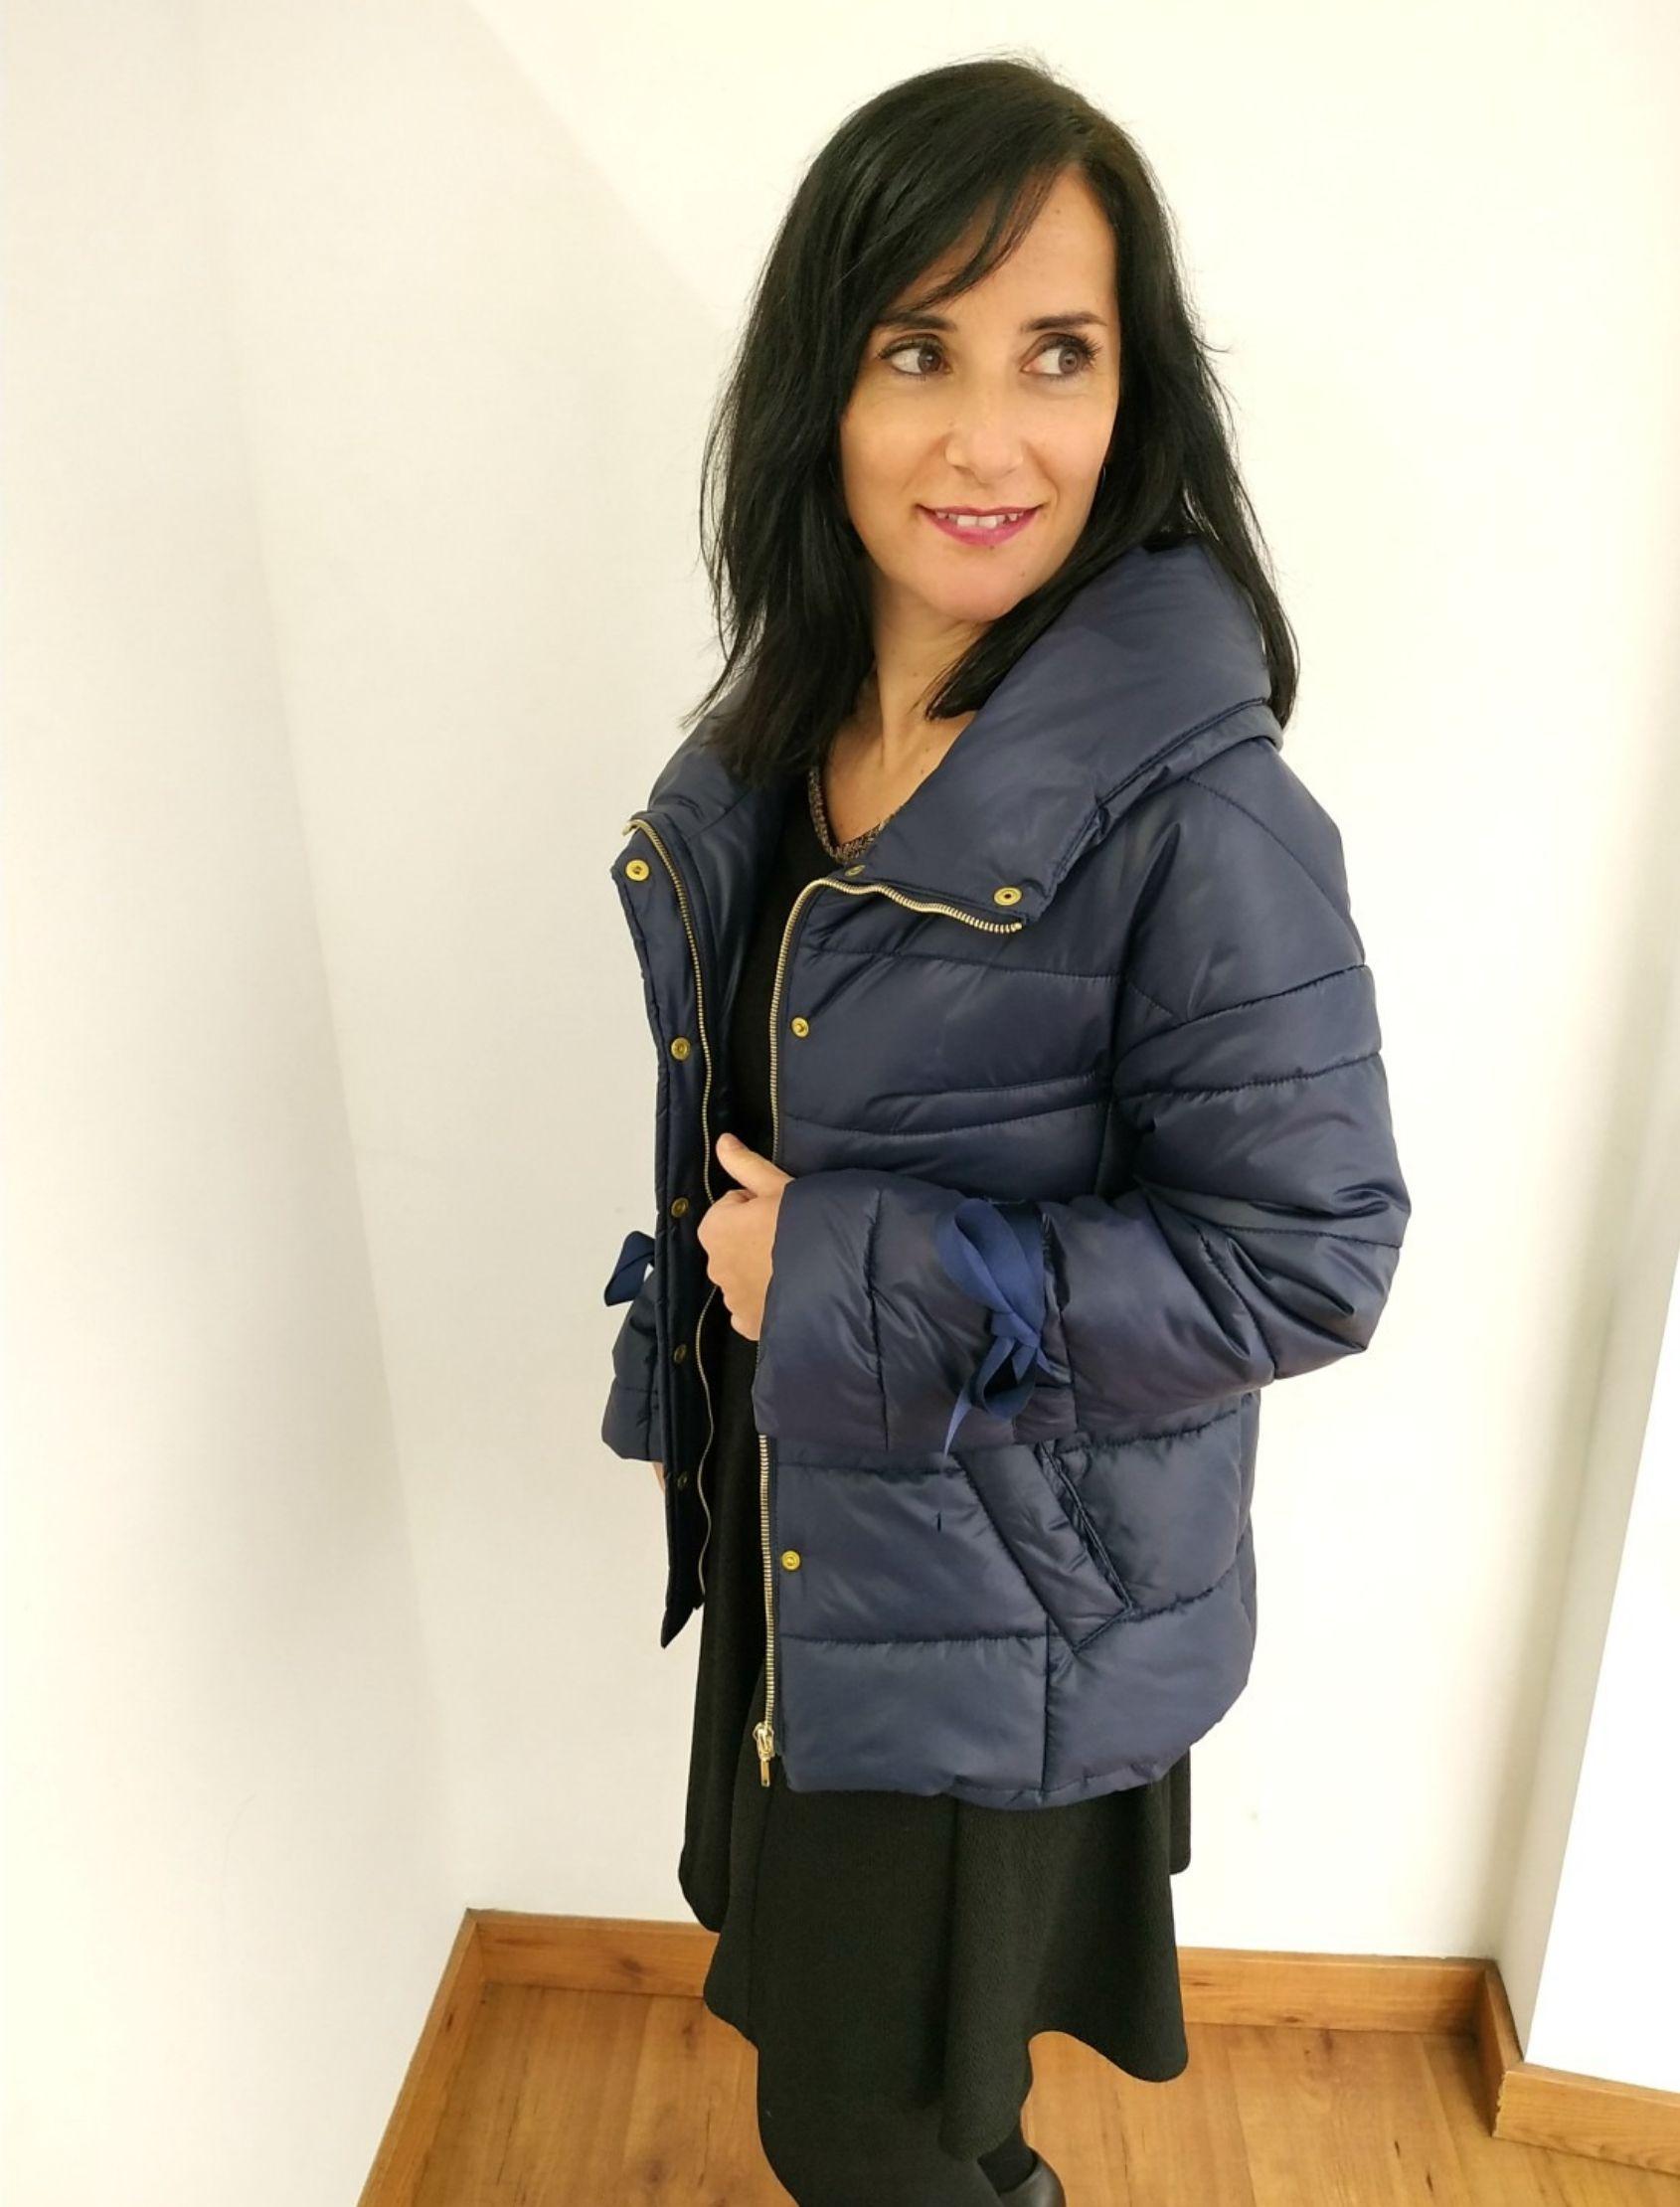 cazadora de mujer de la marca arggido con acolchado en color azul marino